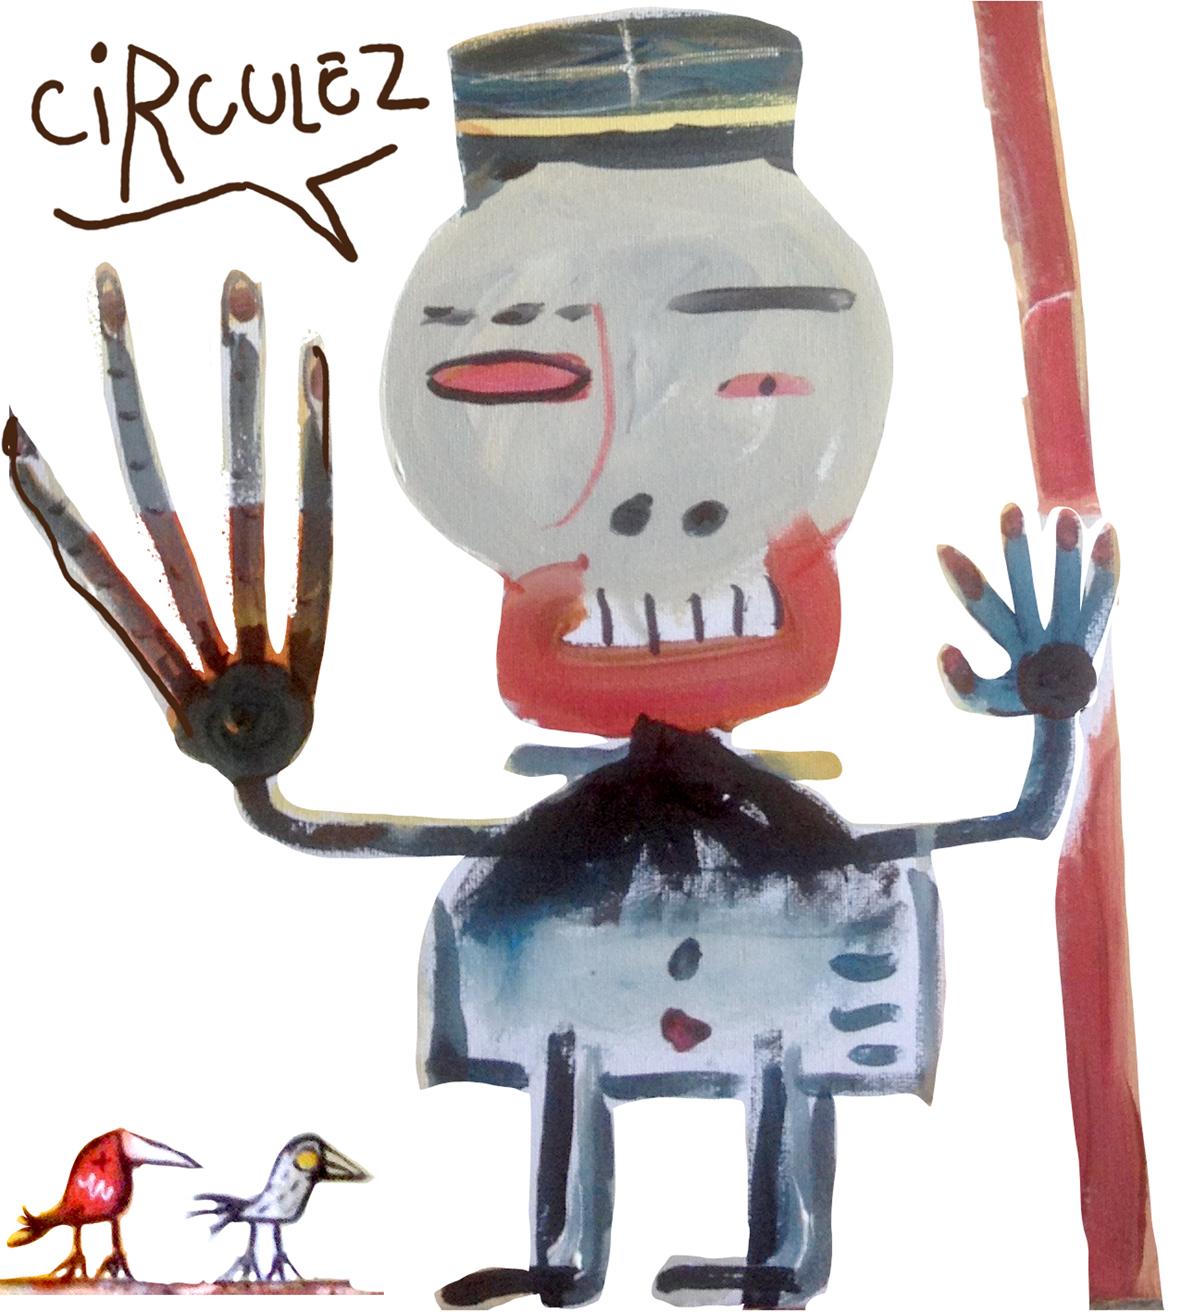 CIRCULEZ